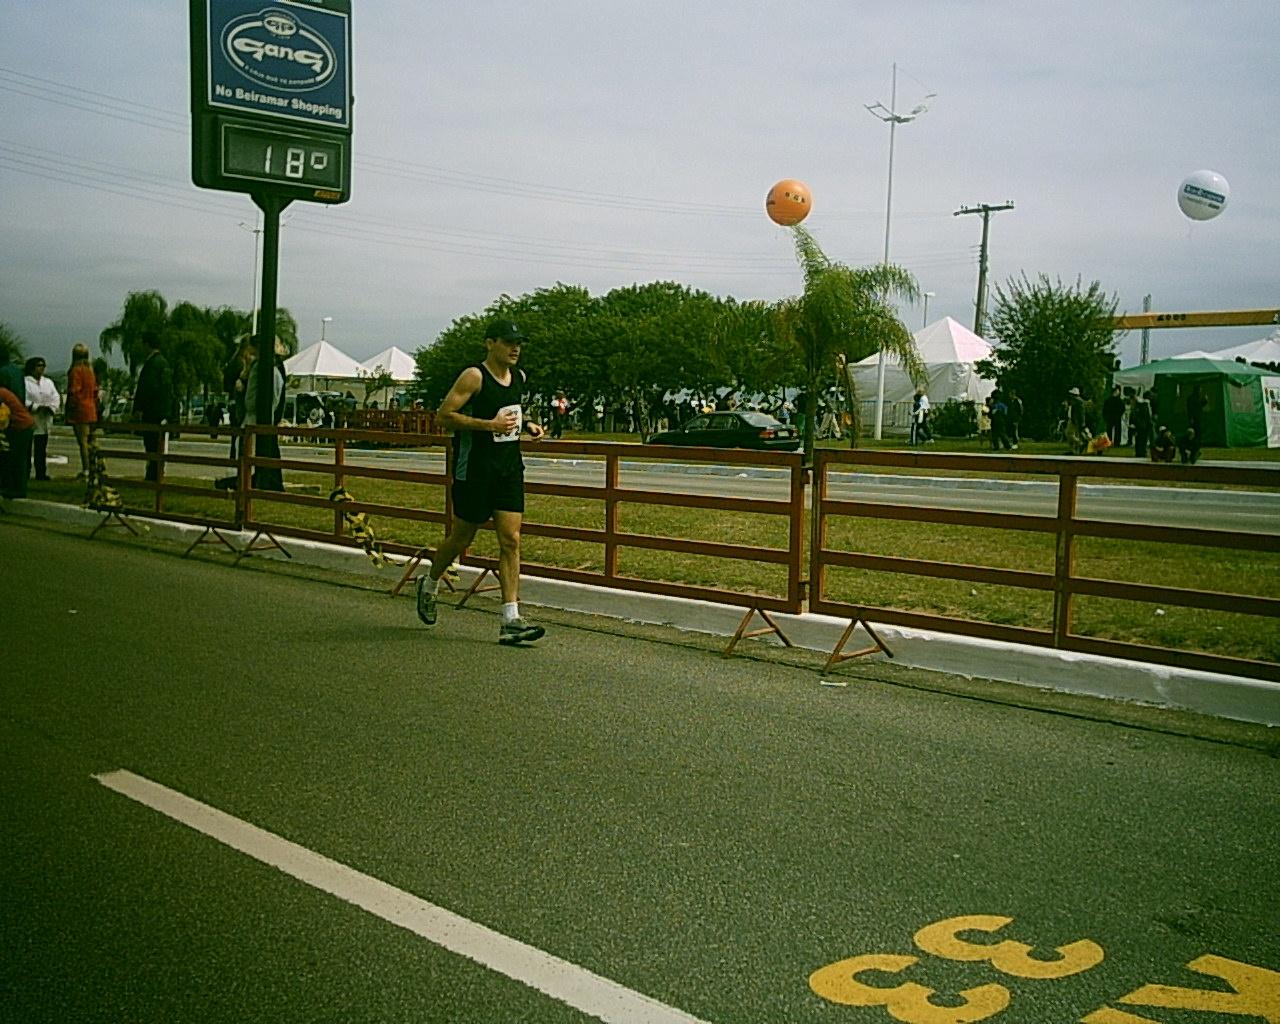 f5e47bf74 Passando no km 33 fingindo que estava correndo (pra não ser arrancado da  prova pela família)